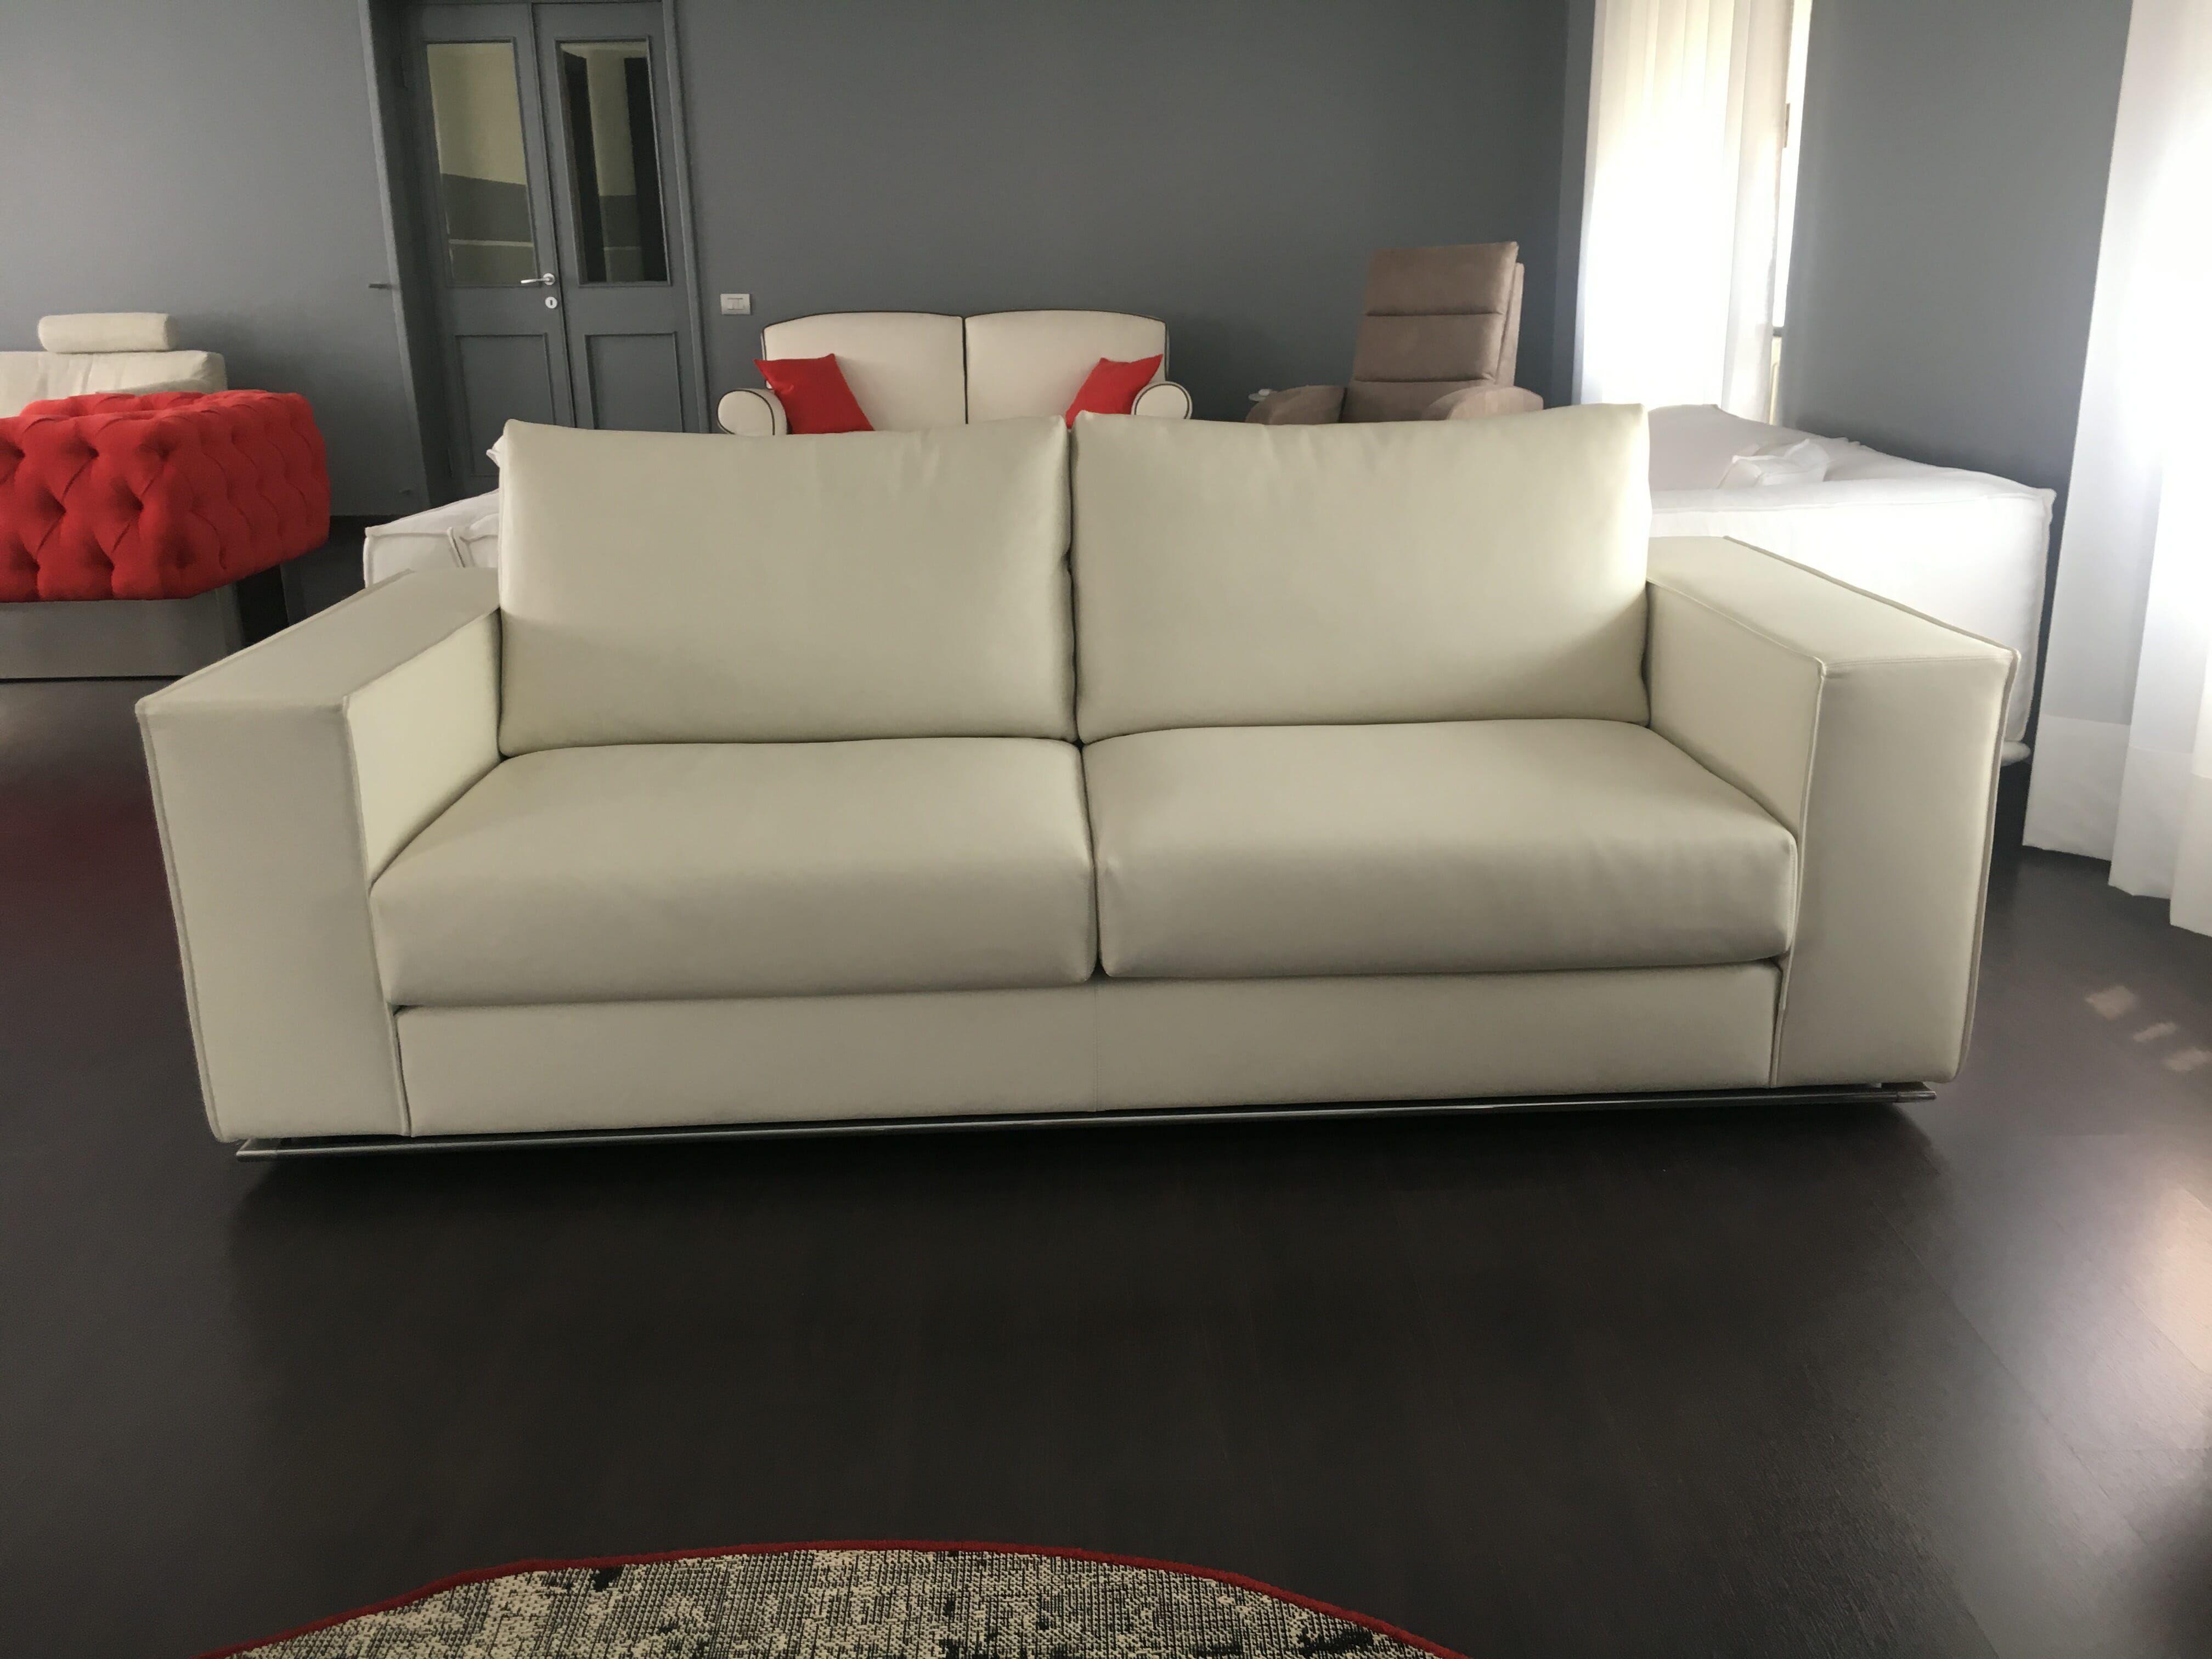 Offerta divano moderno in pelle pieno fiore | outlet divani - Tino ...